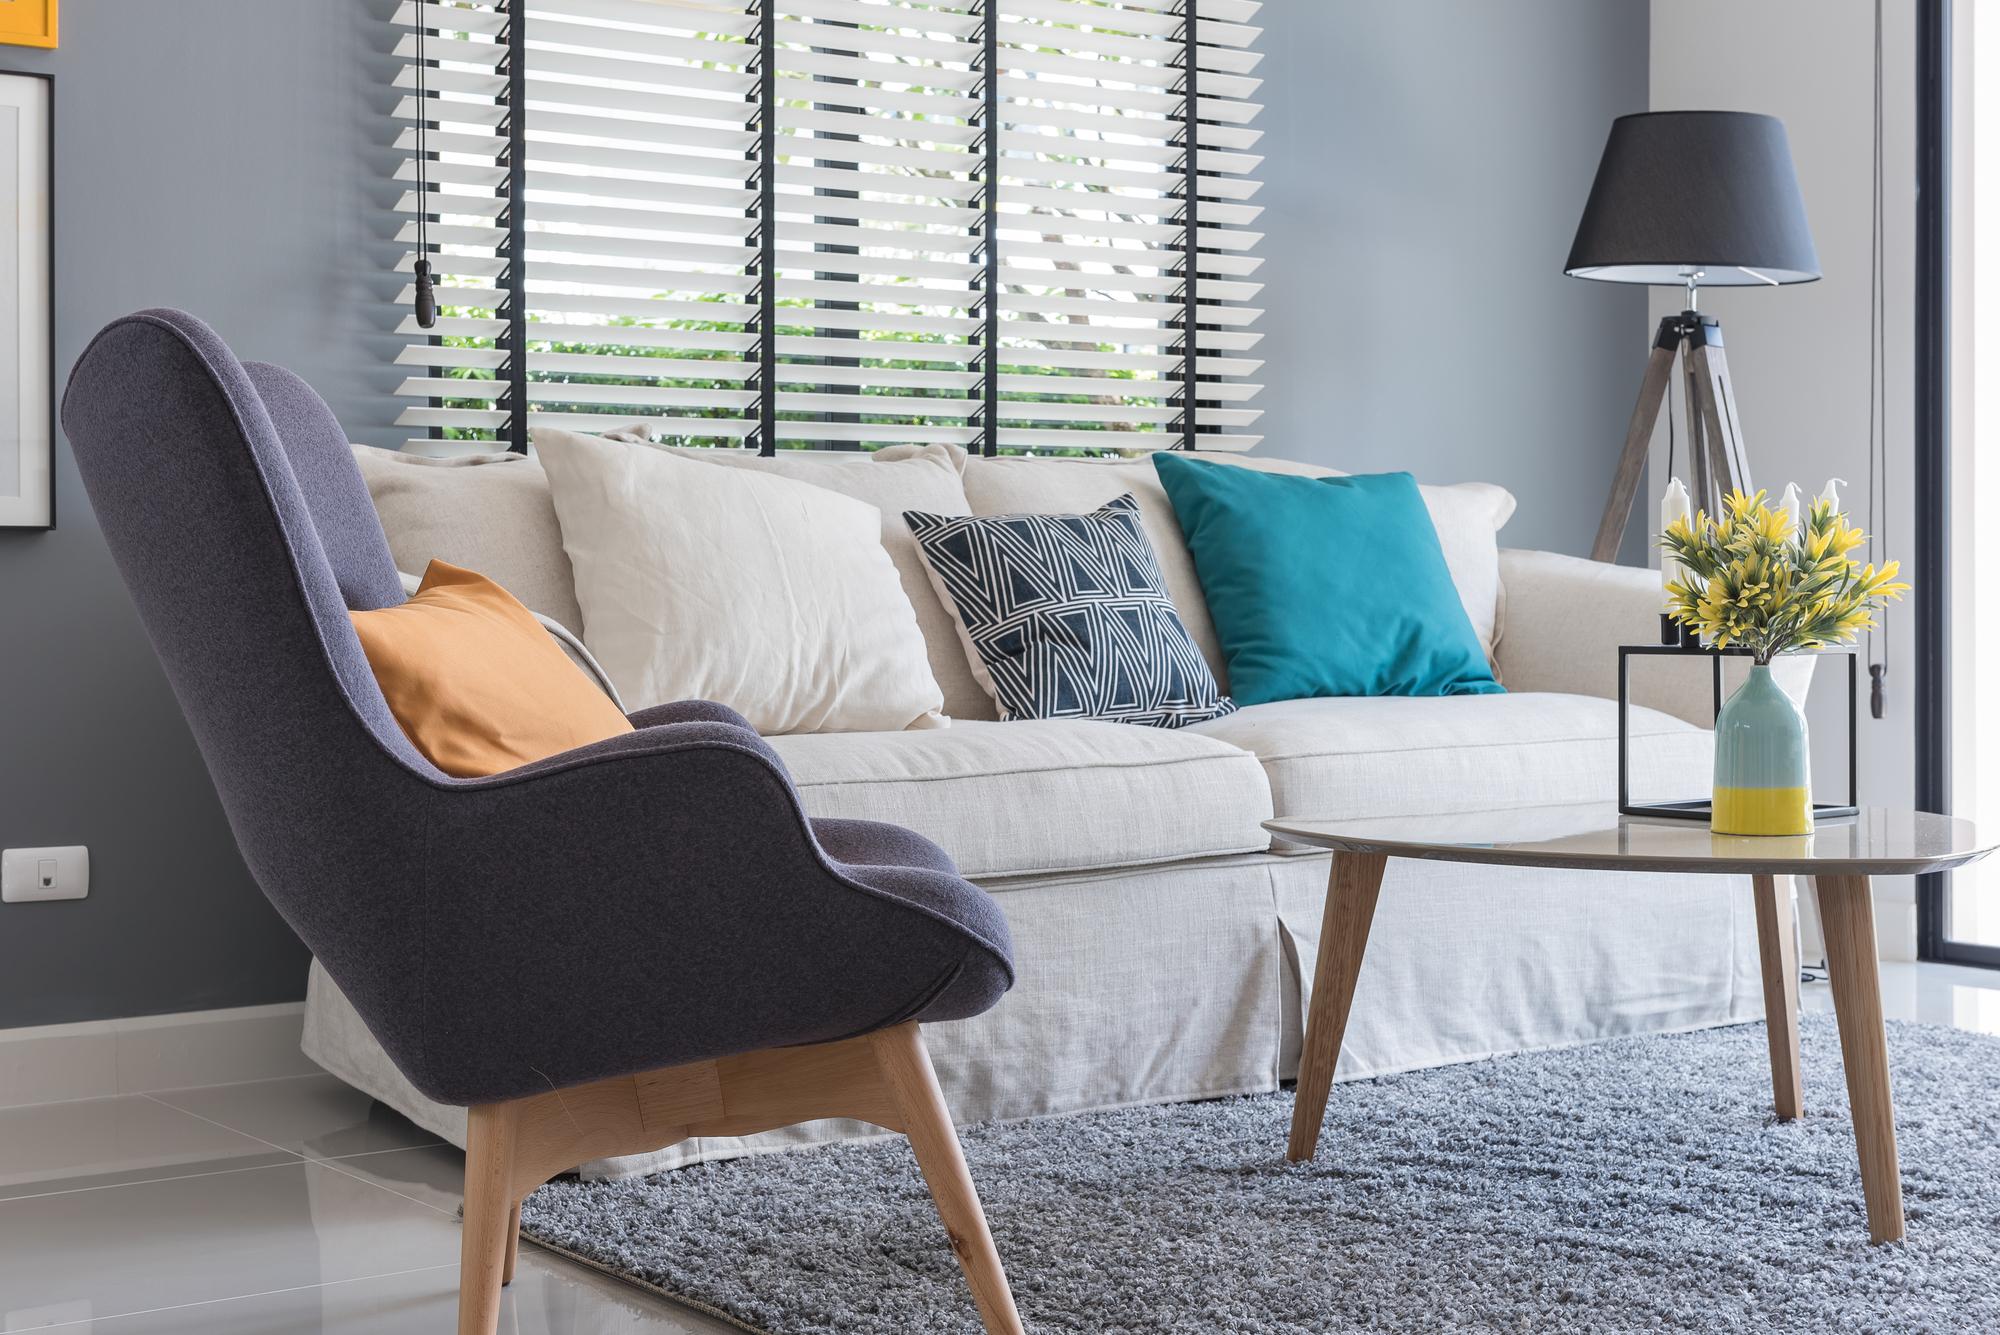 Couleur Mur Salon 2019 quelle couleur choisir pour un salon? - le canada français